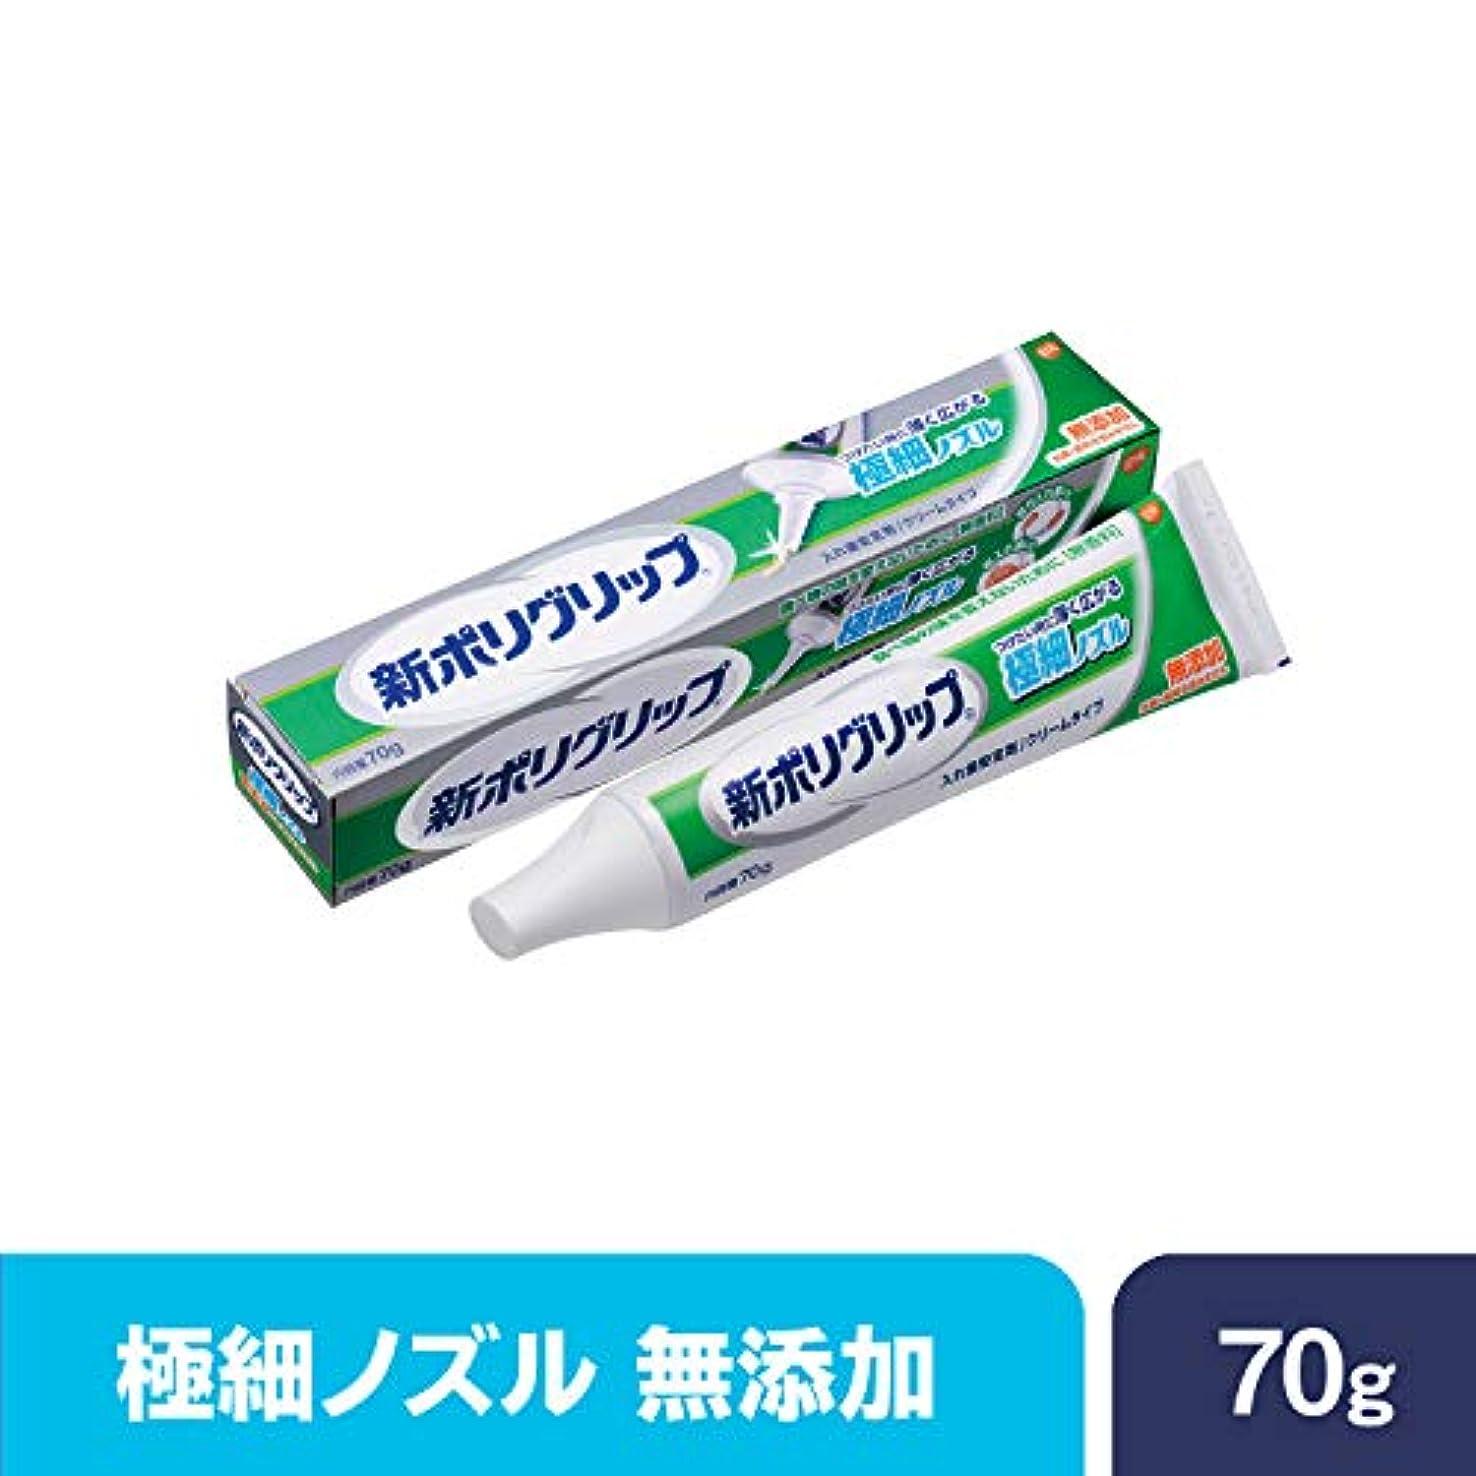 経験早熟半ば部分?総入れ歯安定剤 新ポリグリップ極細ノズル 無添加 70g